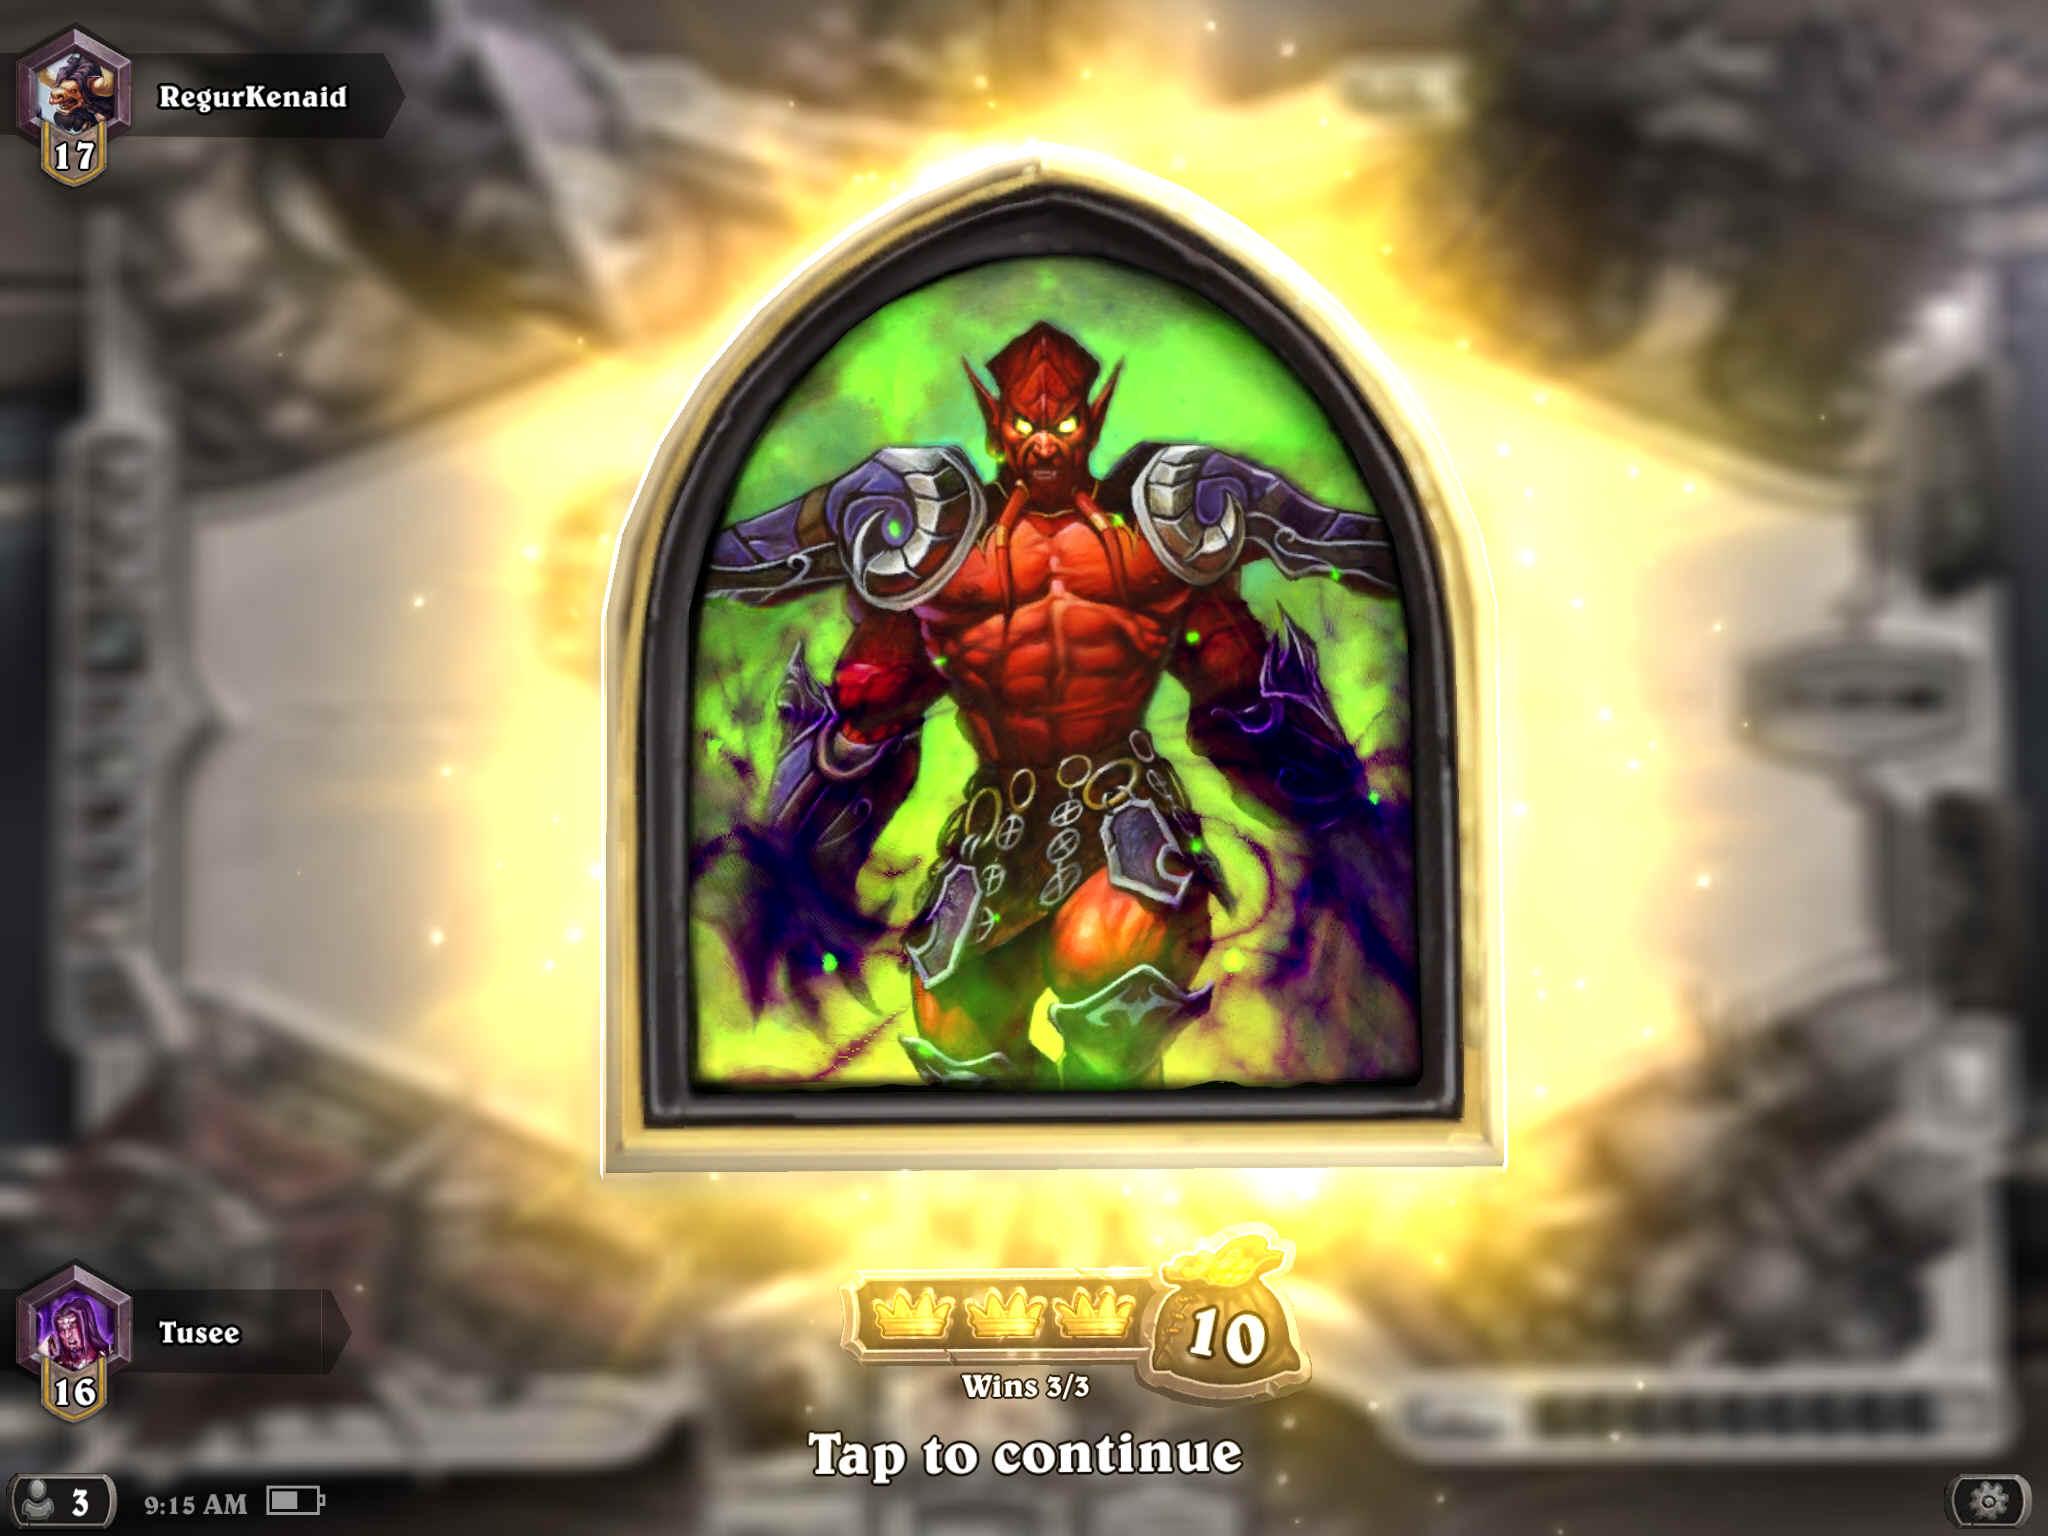 500th win as lord jaraxxus or ragnaros the firelord